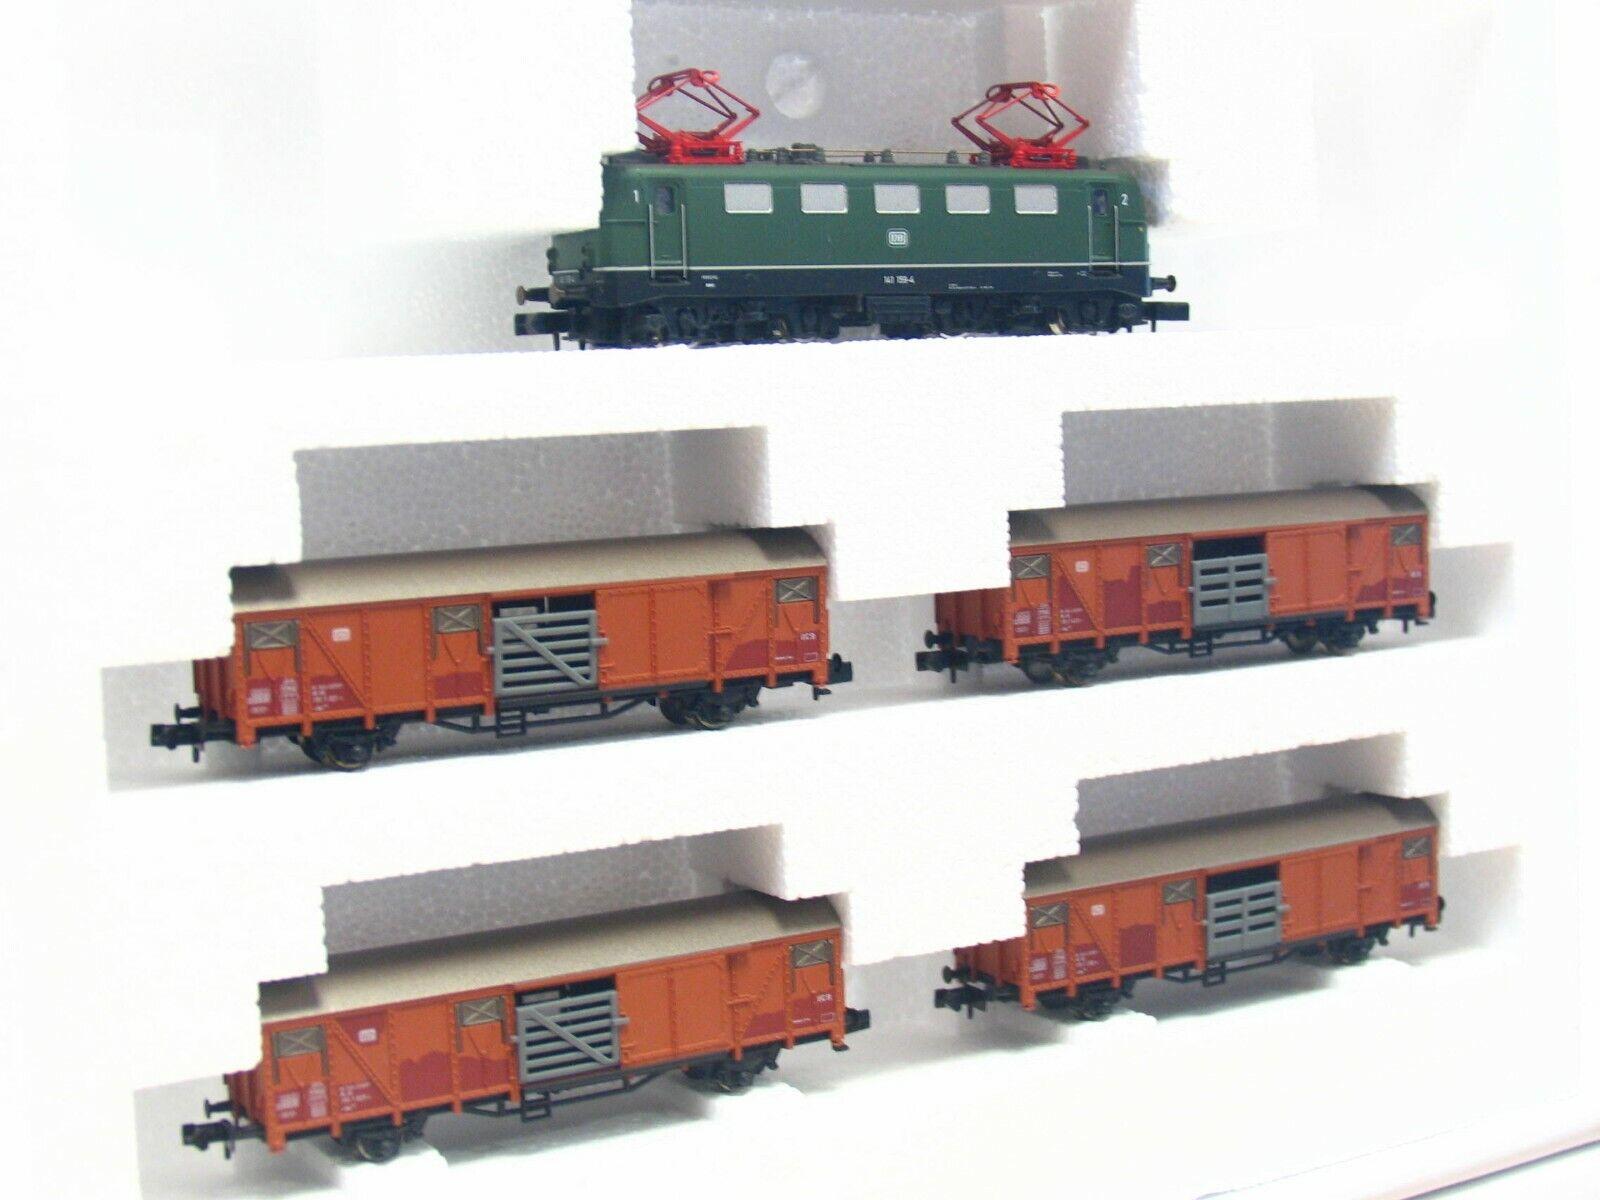 Arnold N 0417 5er Set Viehzug m. m. m. E-Lok BR 141 159-4 DB OVP (RB7537) a63c41